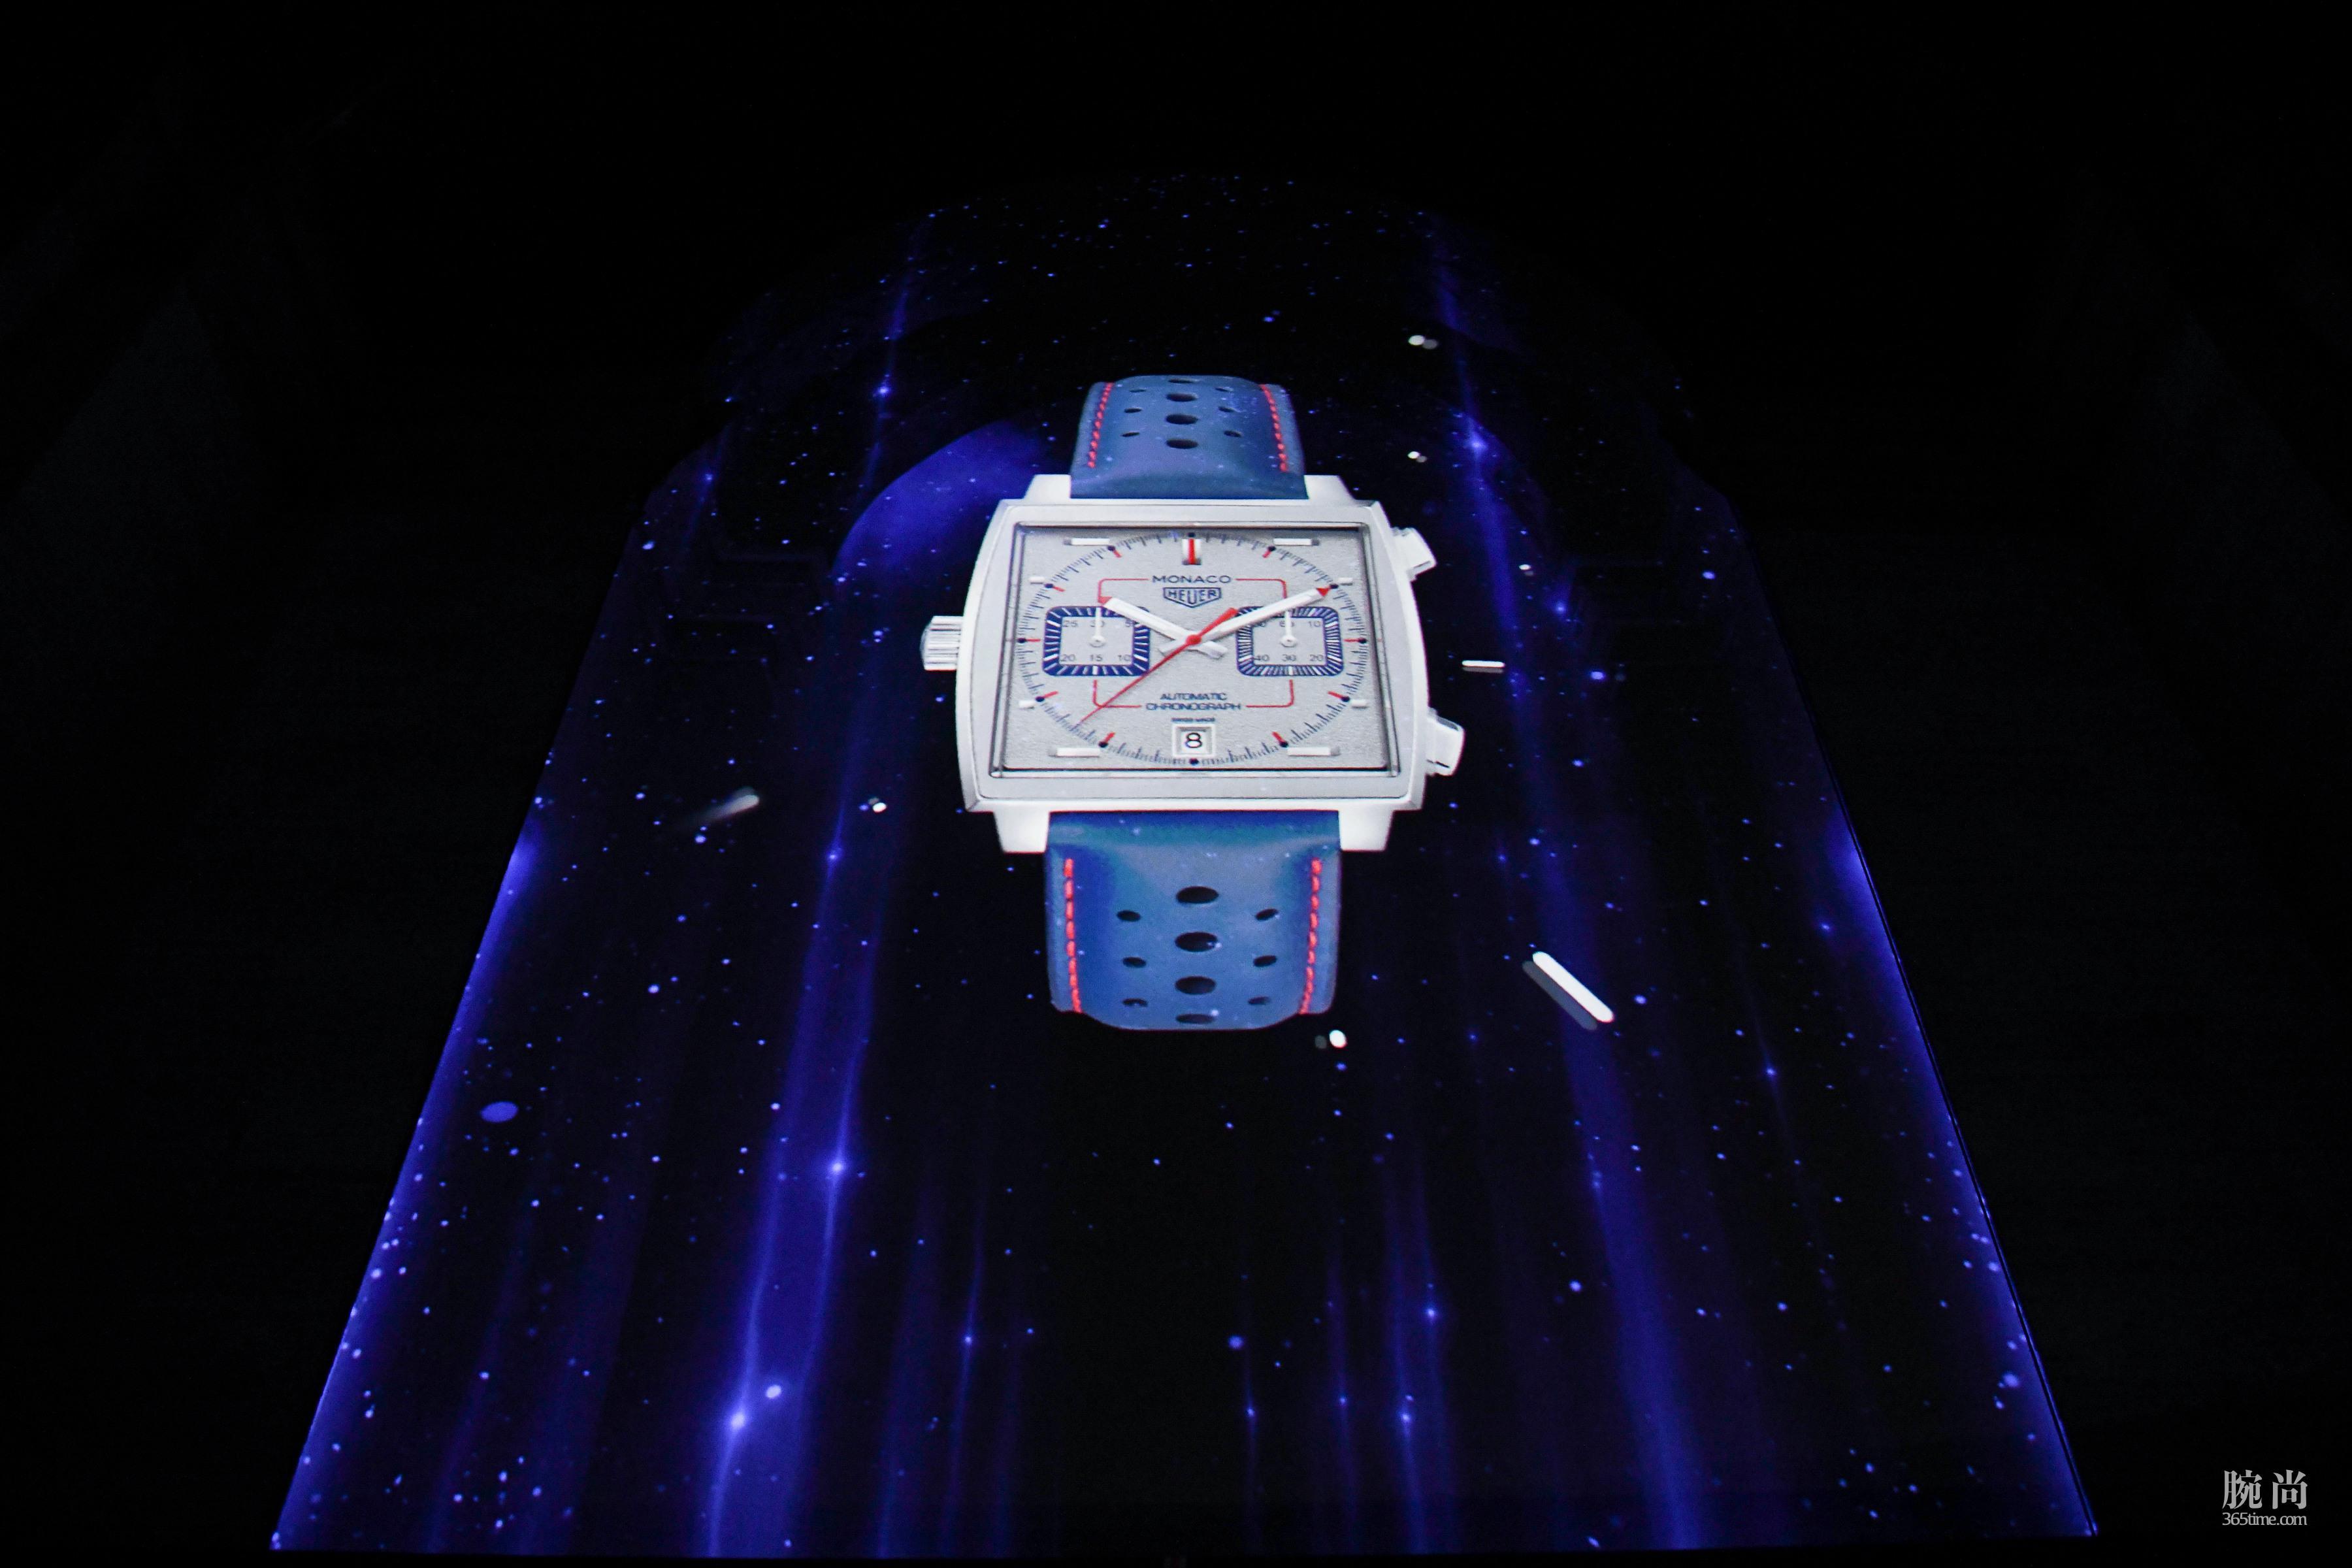 泰格豪雅摩纳哥系列第三款限量版腕表发布现场 (5).jpg